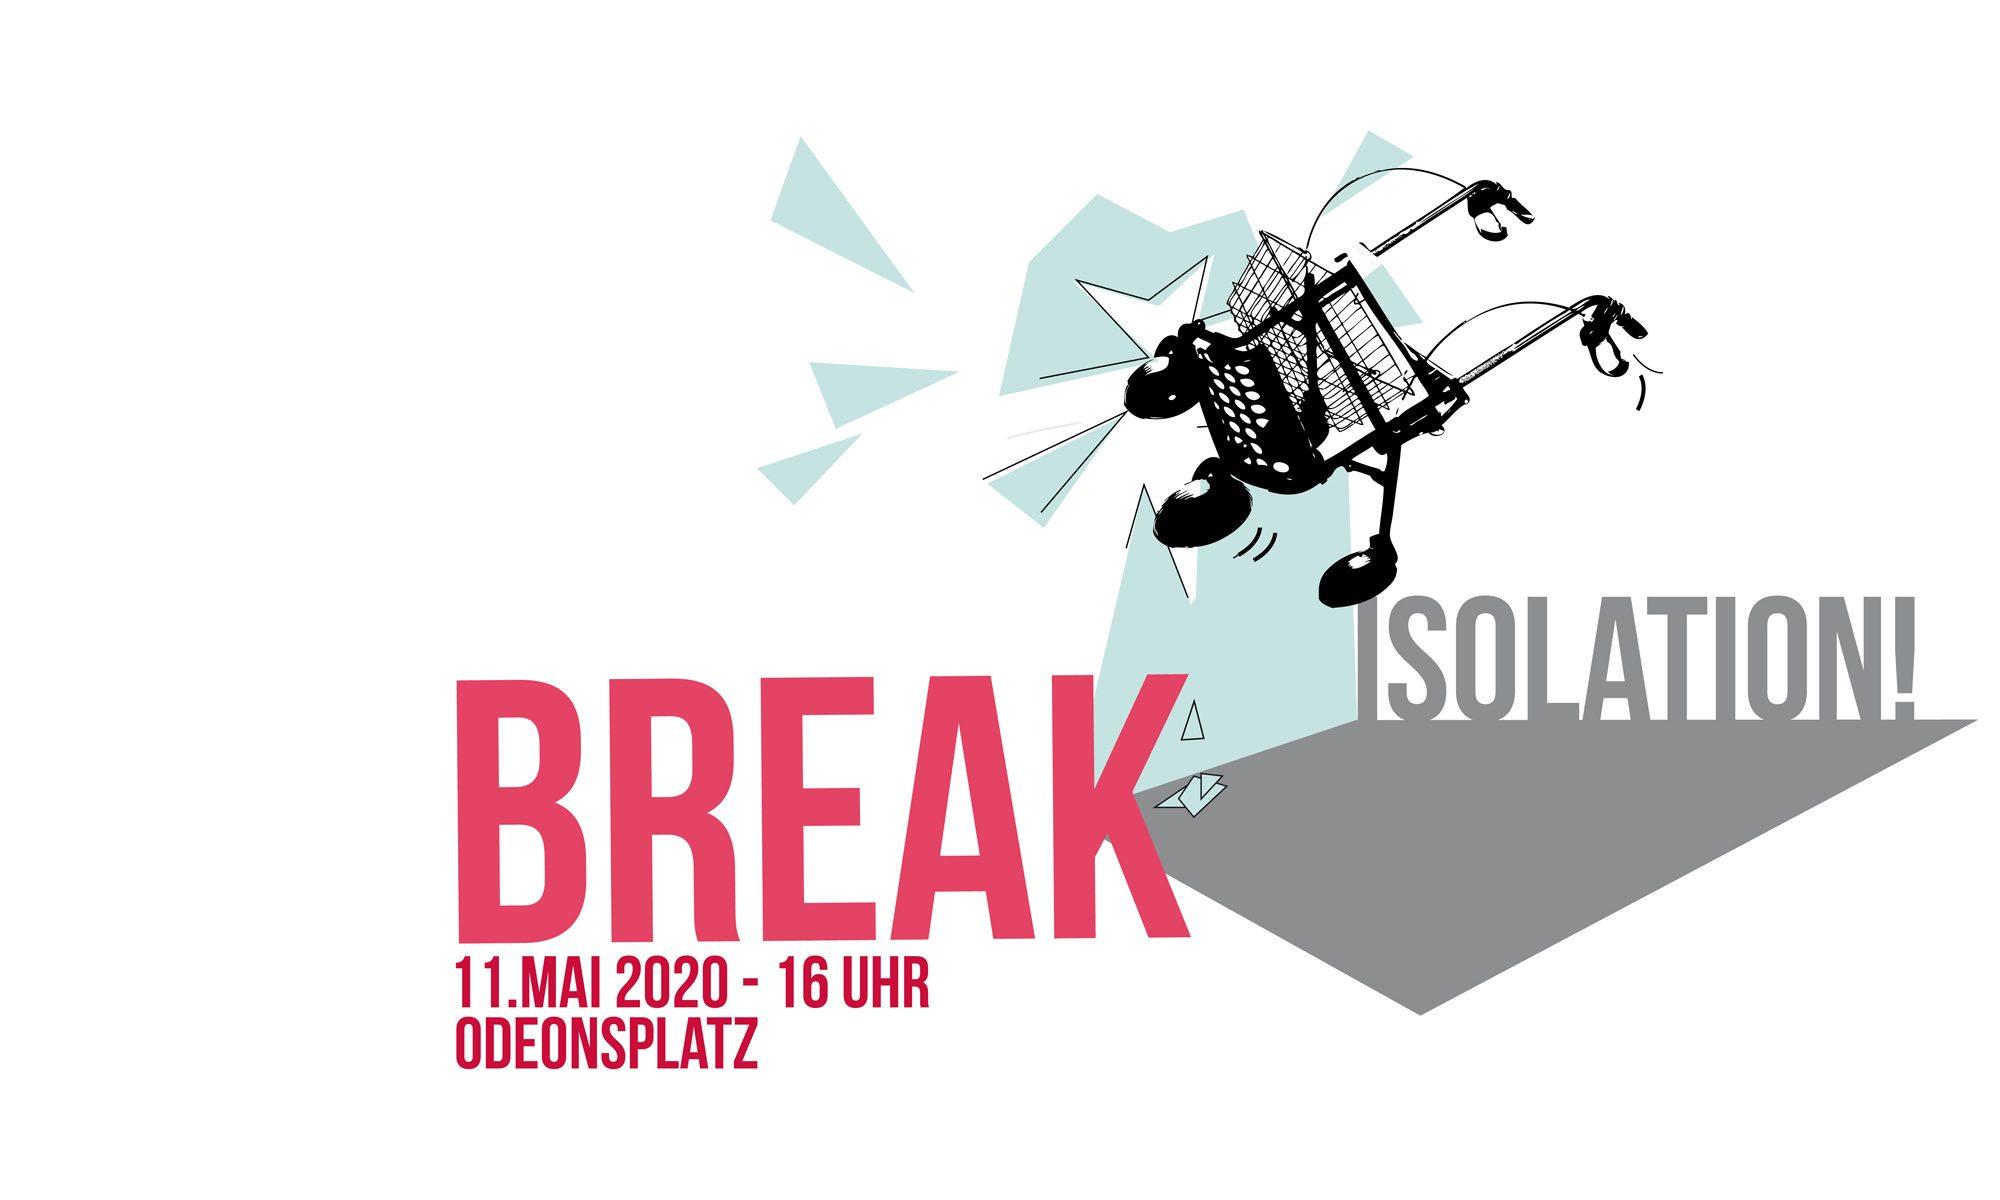 Break Isolation